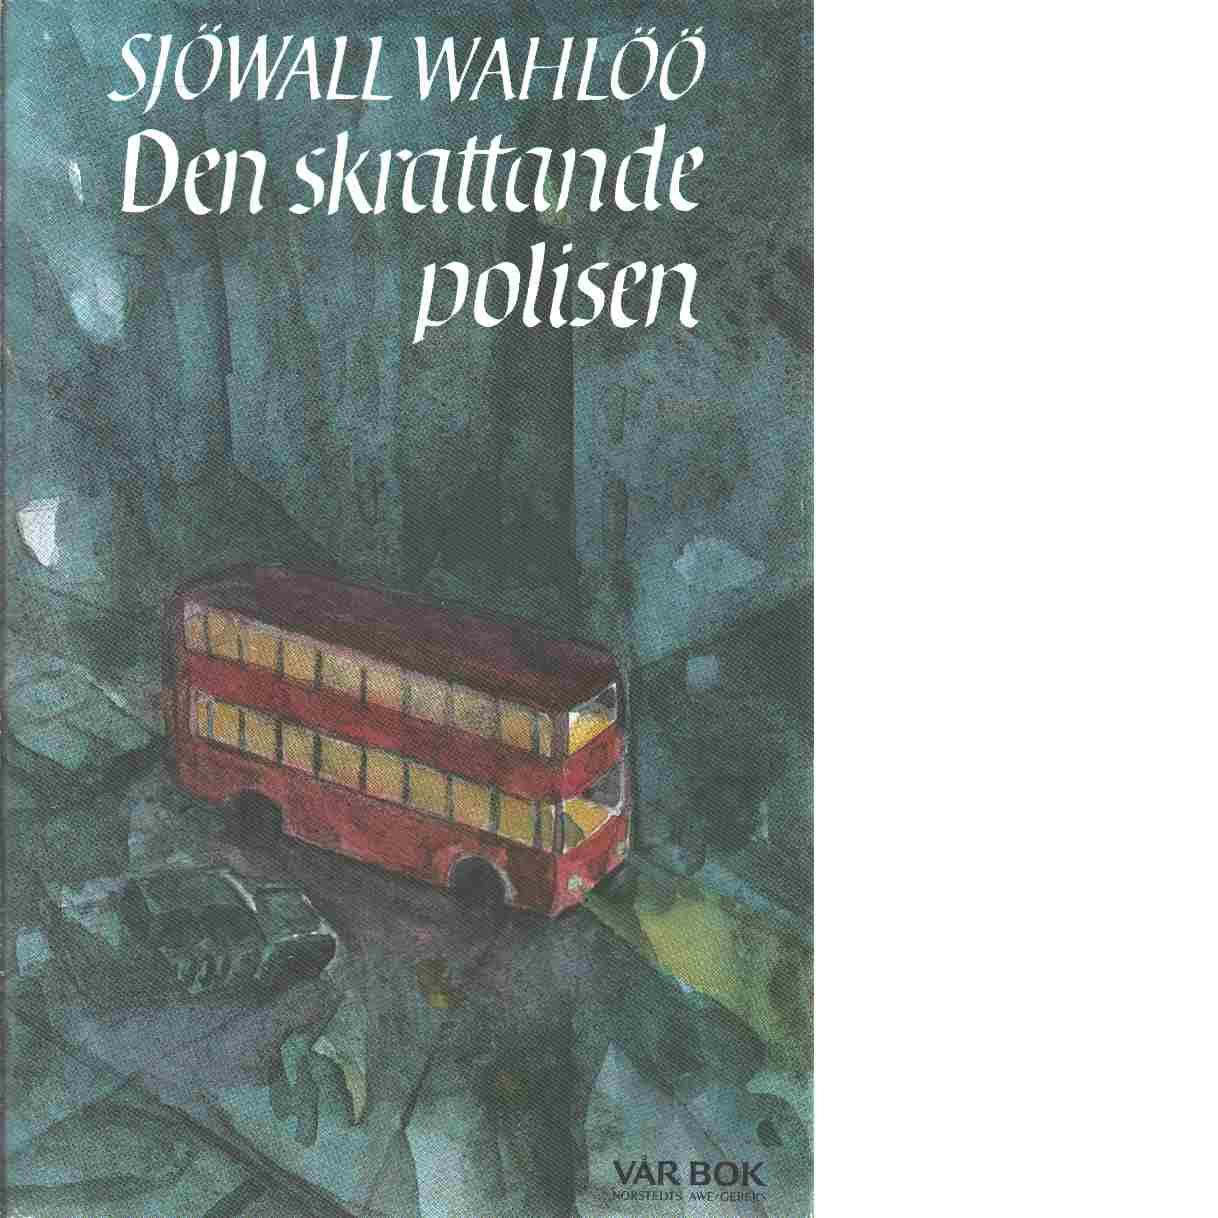 Den skrattande polisen : roman om ett brott - Sjöwall, Maj och Wahlöö, Per